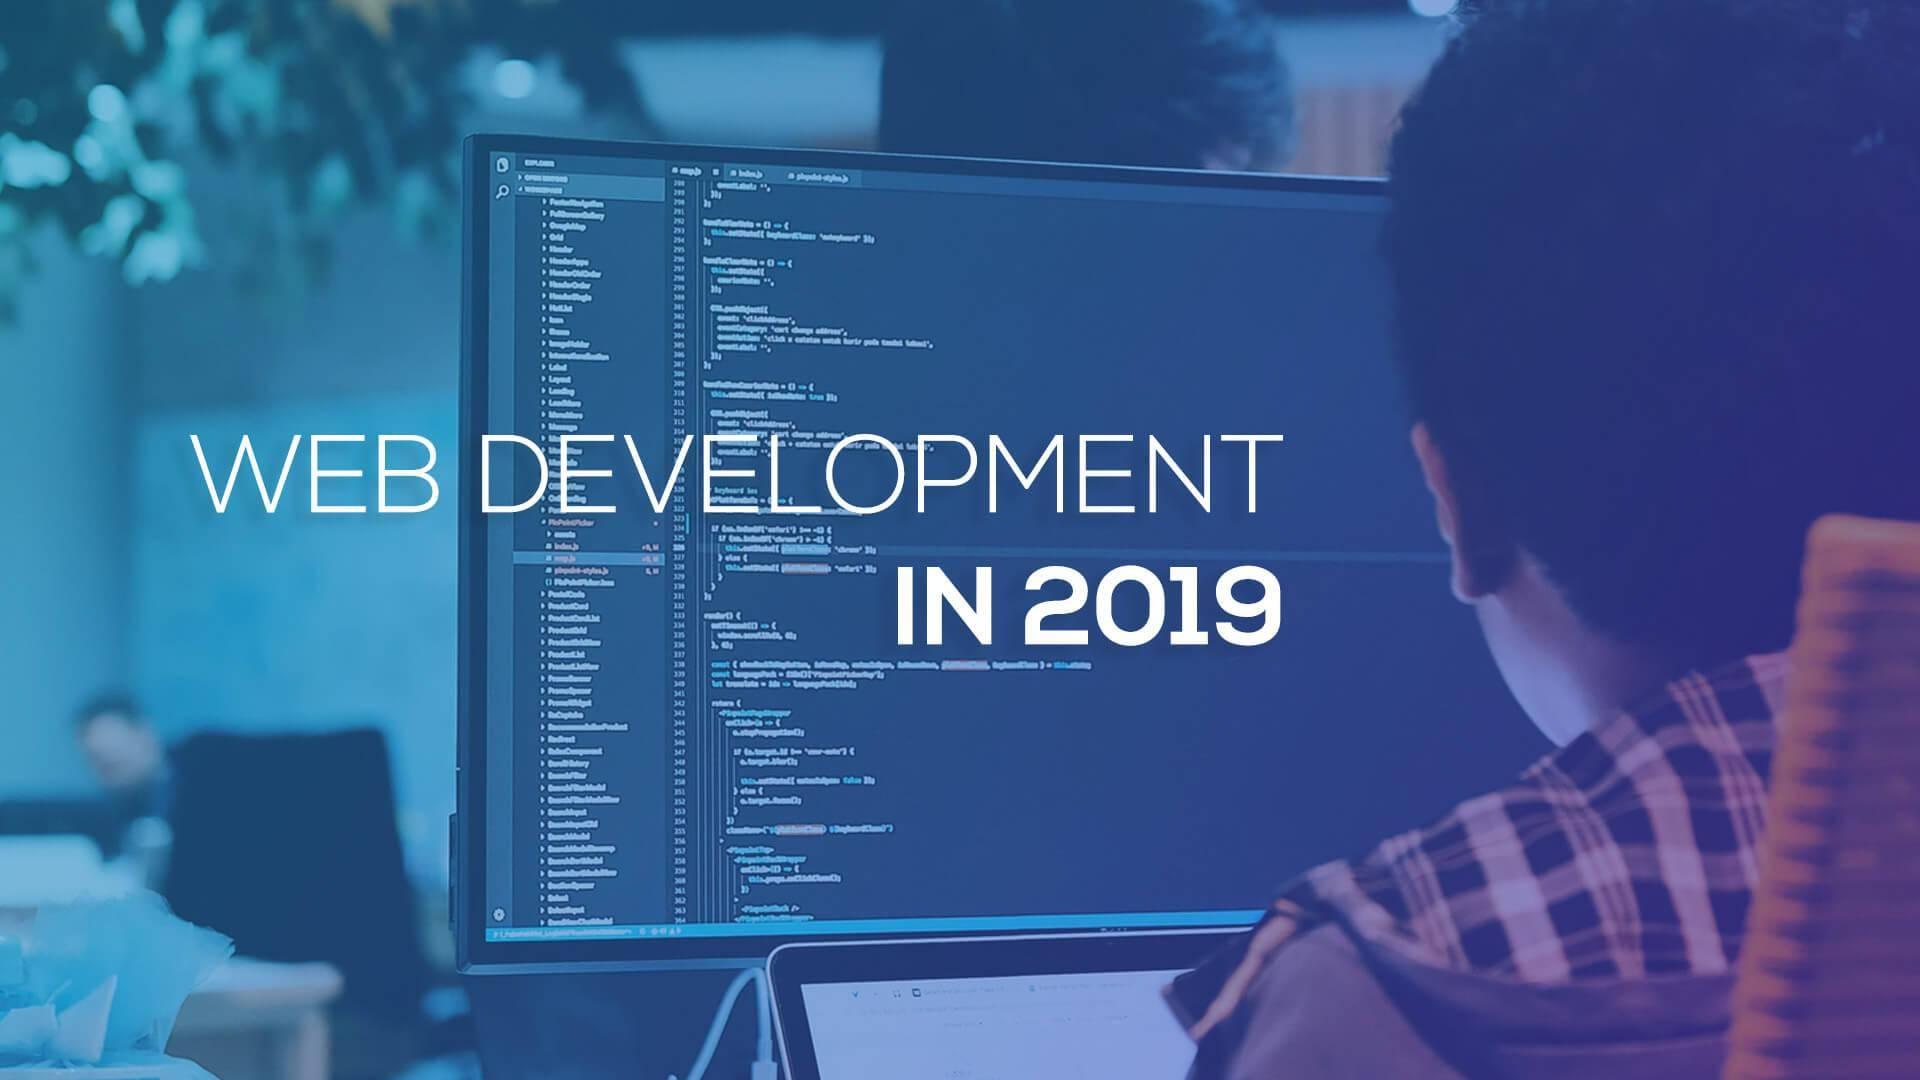 Web Development In 2019